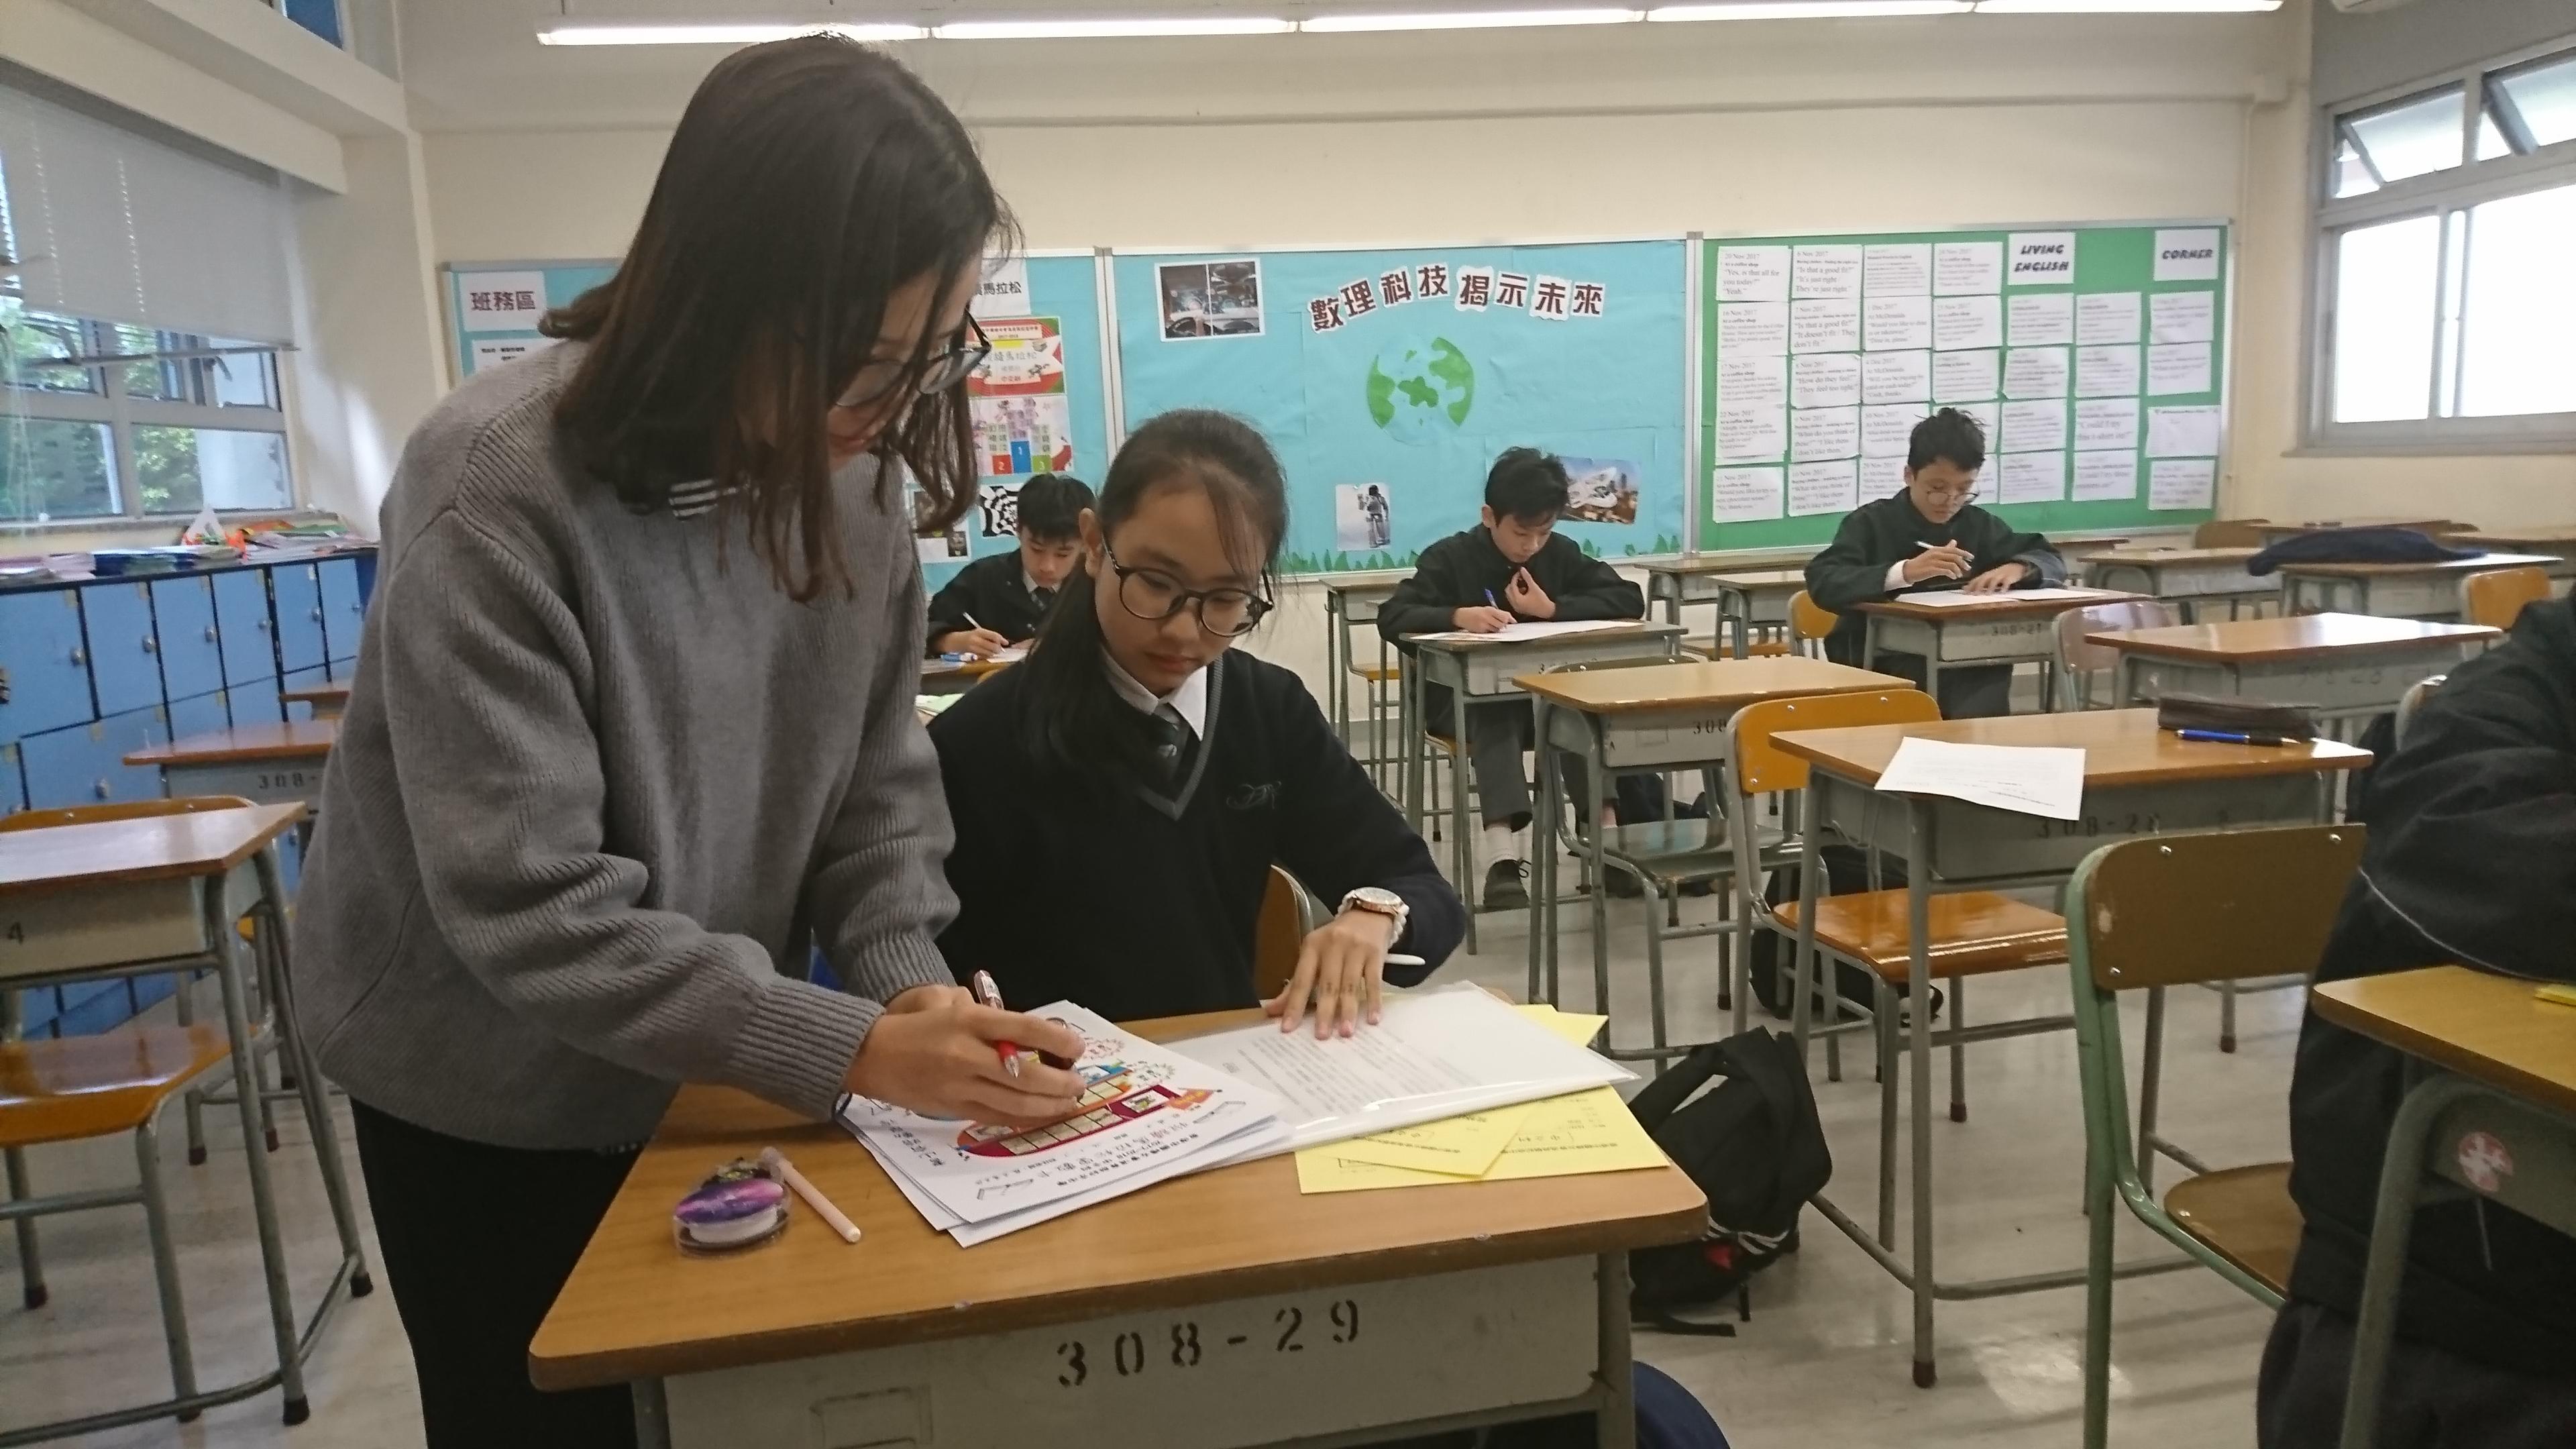 老師正在指導學生。